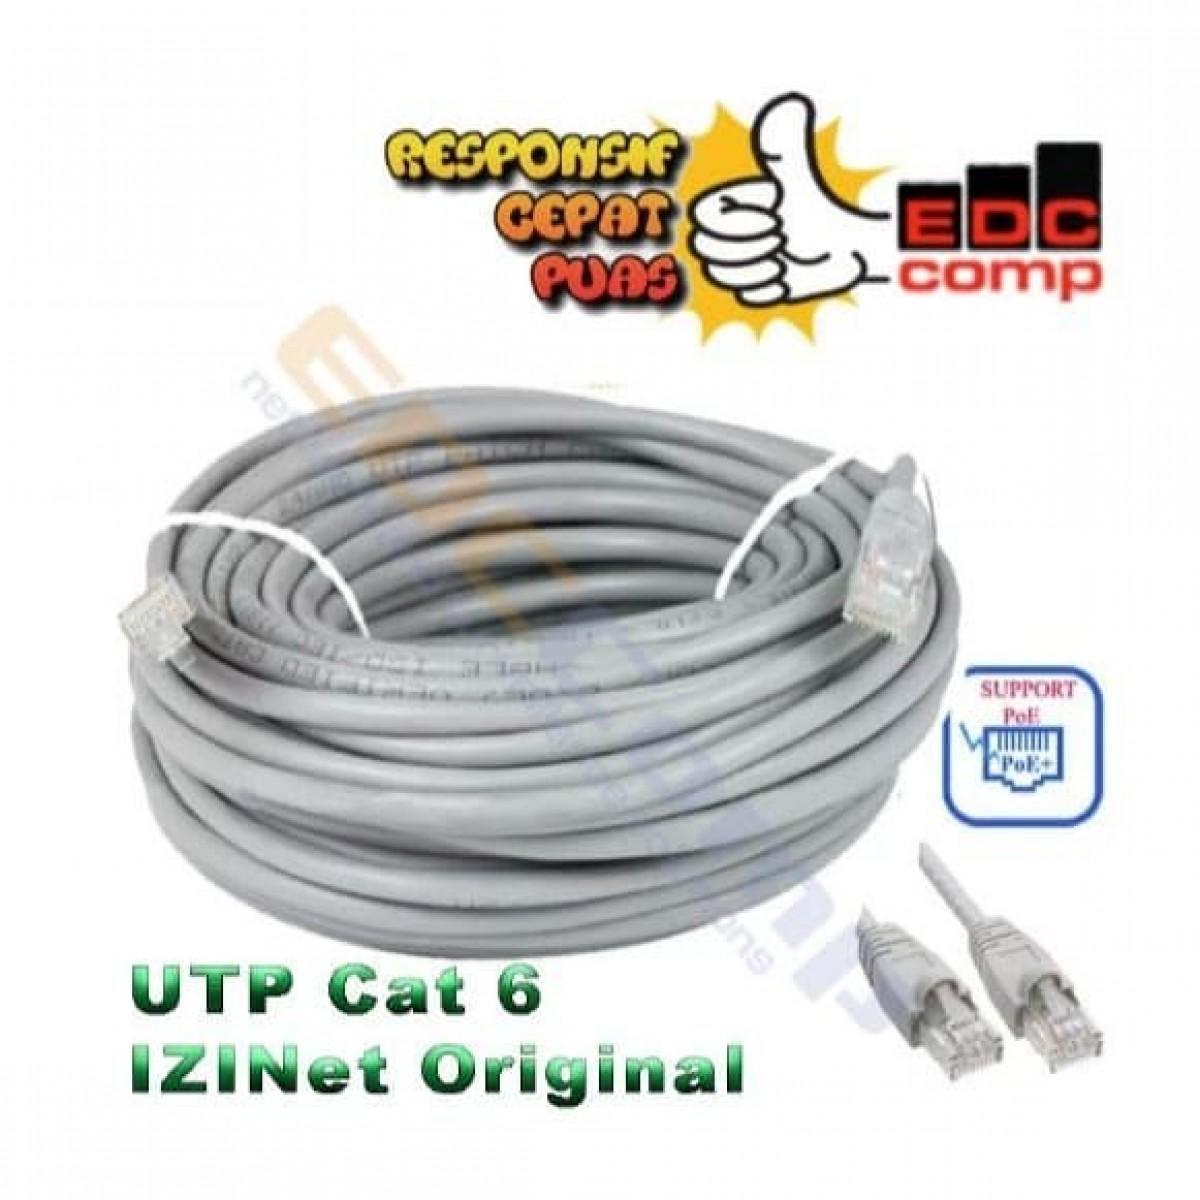 Kabel IZINET UTP Cat6 / Cable Izinet Cat6 65 Meter - EdcComp